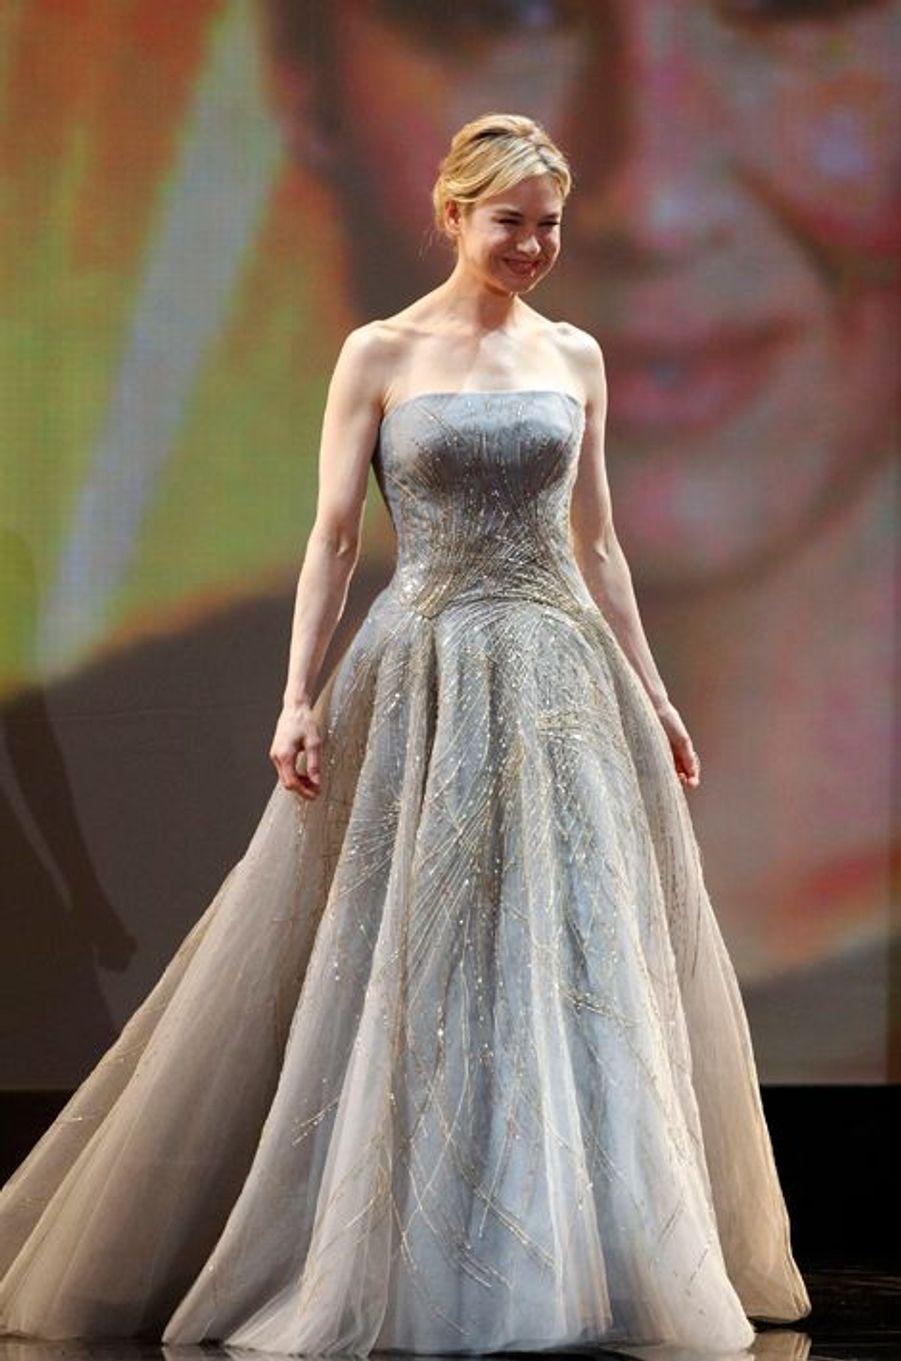 Depuis sa révélation au grand public en 2001, l'actrice Renée Zellweger est l'une des actrices les plus sensuelles d'Hollywood.